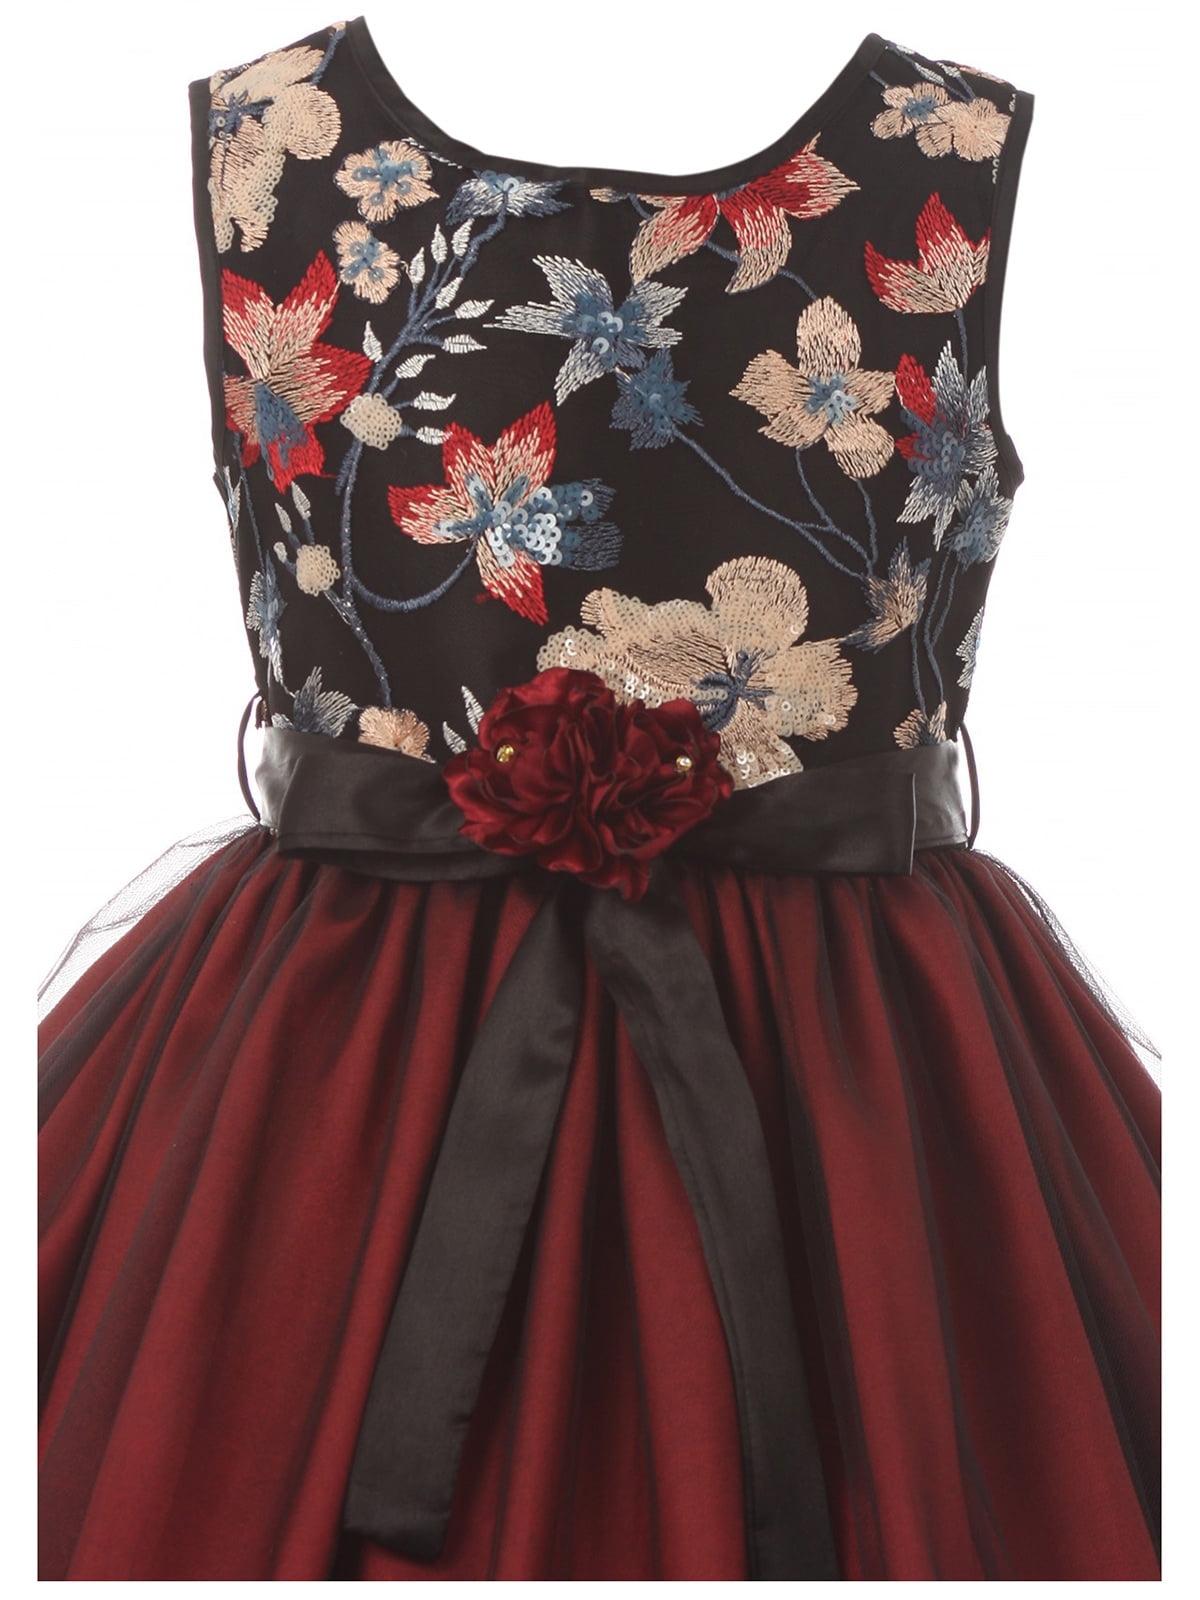 077e12c6ce2 Dreamer P - Little Girls Floral Tulle Christmas Birthday Holiday Party  Flower Girl Dress Burgundy 4 (J21KS48) - Walmart.com